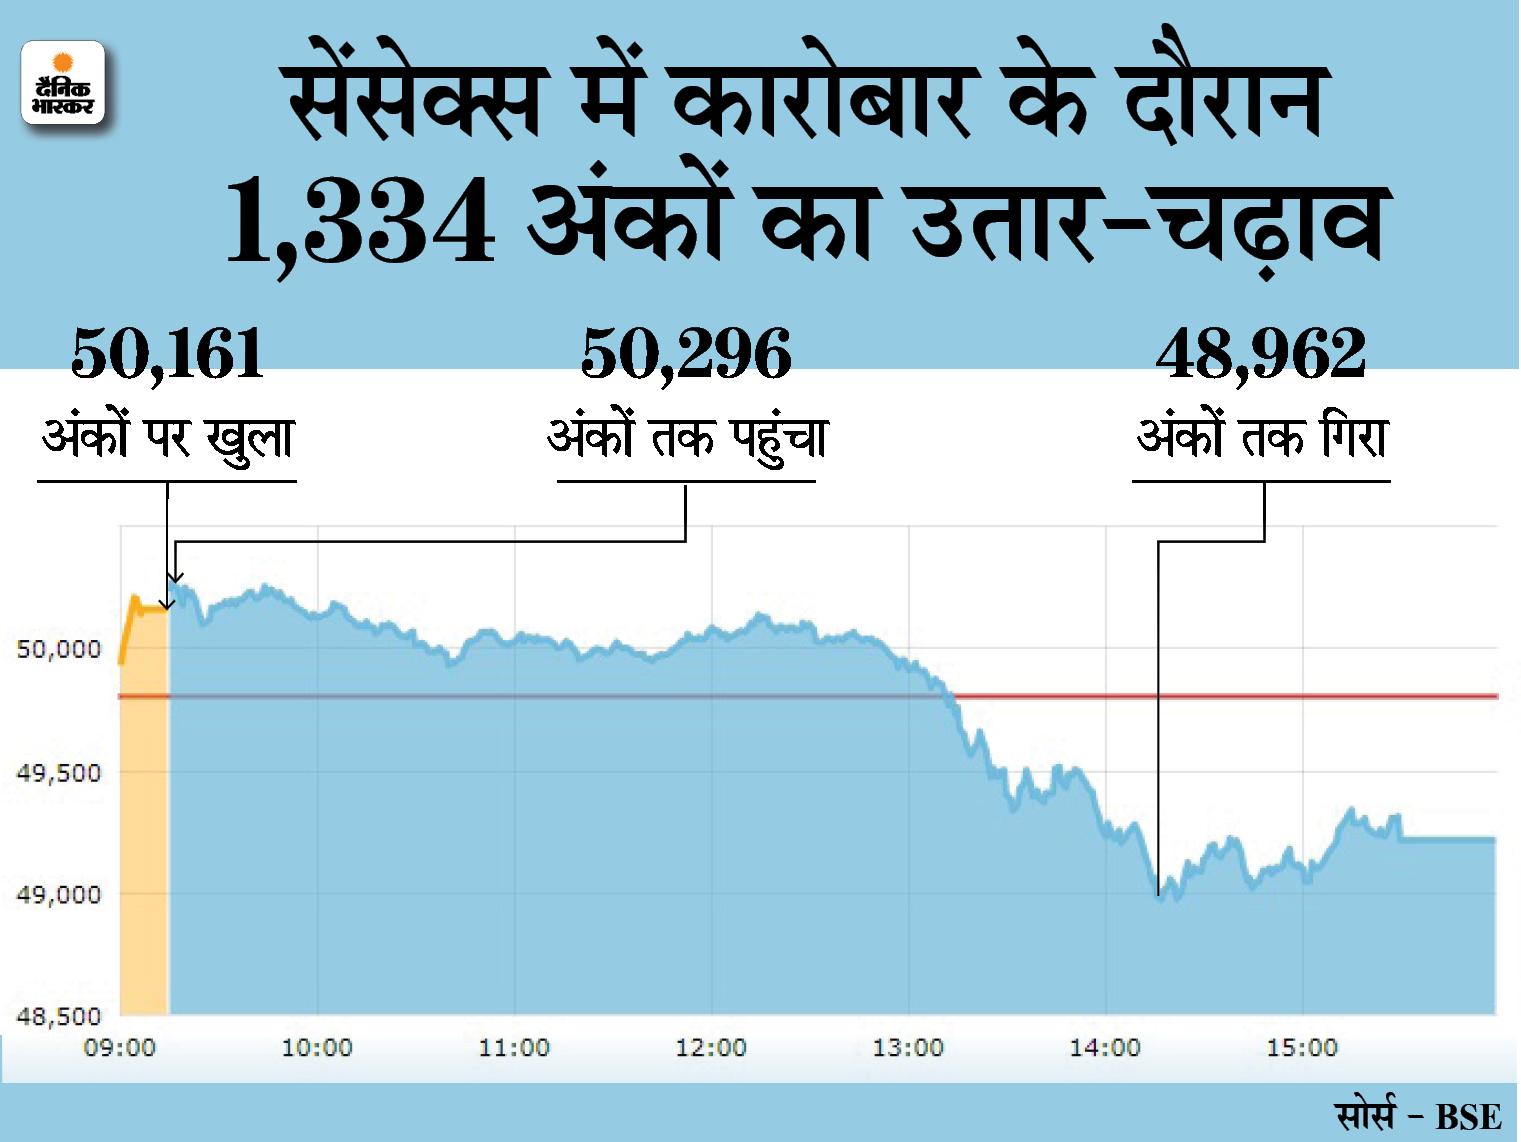 सेंसेक्स 585 पॉइंट गिरकर 49,216 पर बंद; निफ्टी भी 163 अंक गिरा, रिलायंस और TCS के शेयर 2-2% फिसले|बिजनेस,Business - Dainik Bhaskar